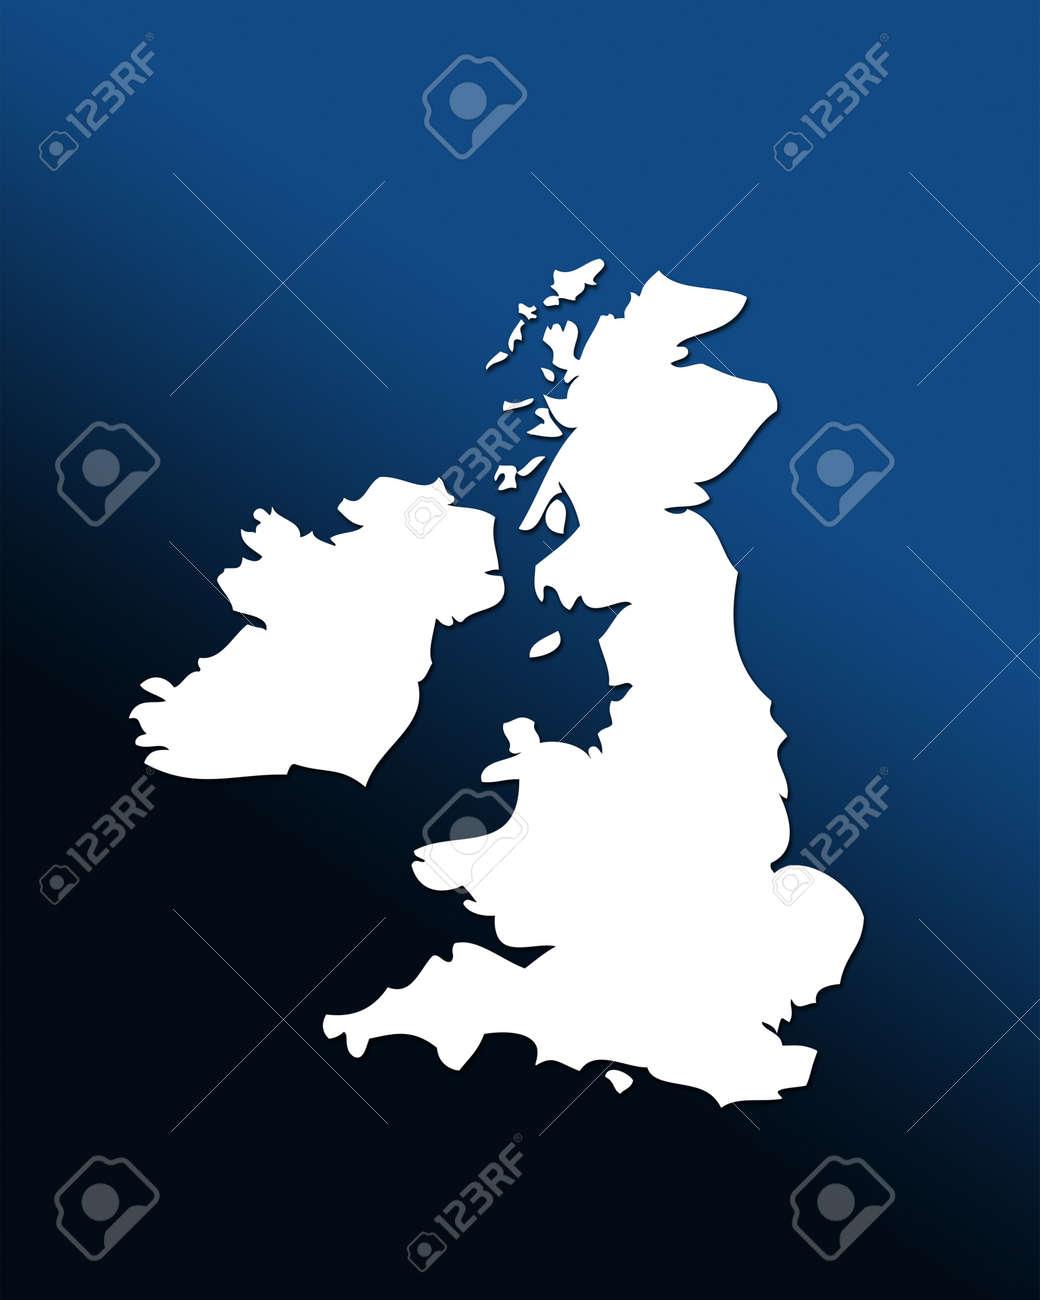 Cartina Gran Bretagna Bianco E Nero.Immagini Stock Cartina Muta Del Regno Unito Bianco Su Blu Sfondo Nero E Laureato Image 12057011